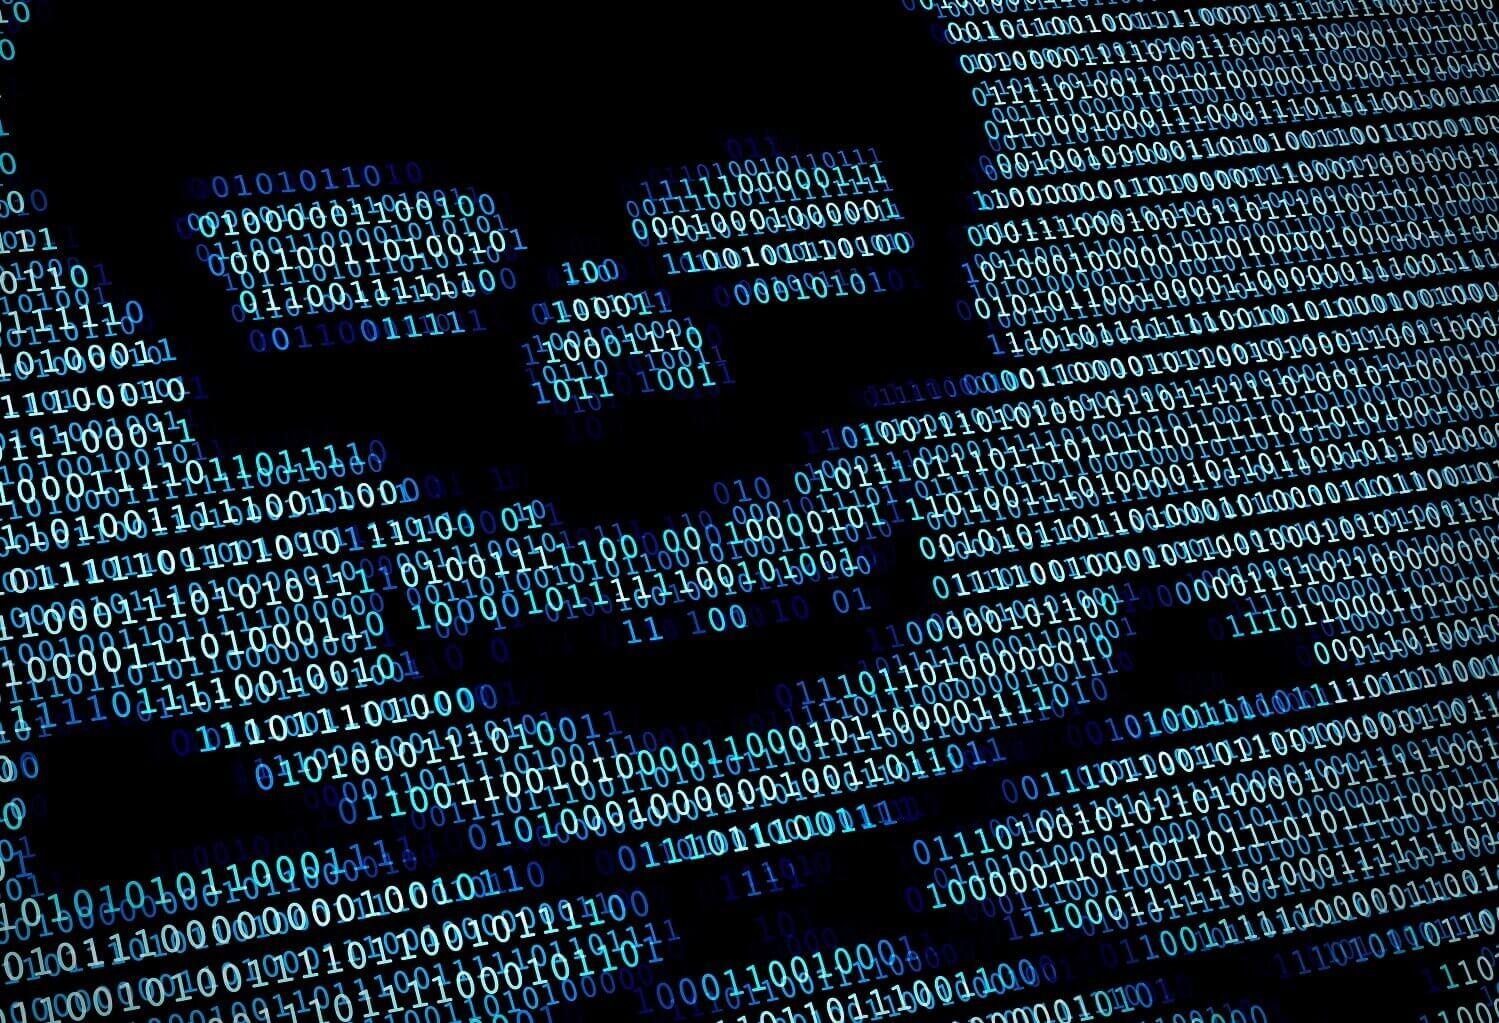 G Data lance un scanneur gratuit pour Meltdown et Spectre